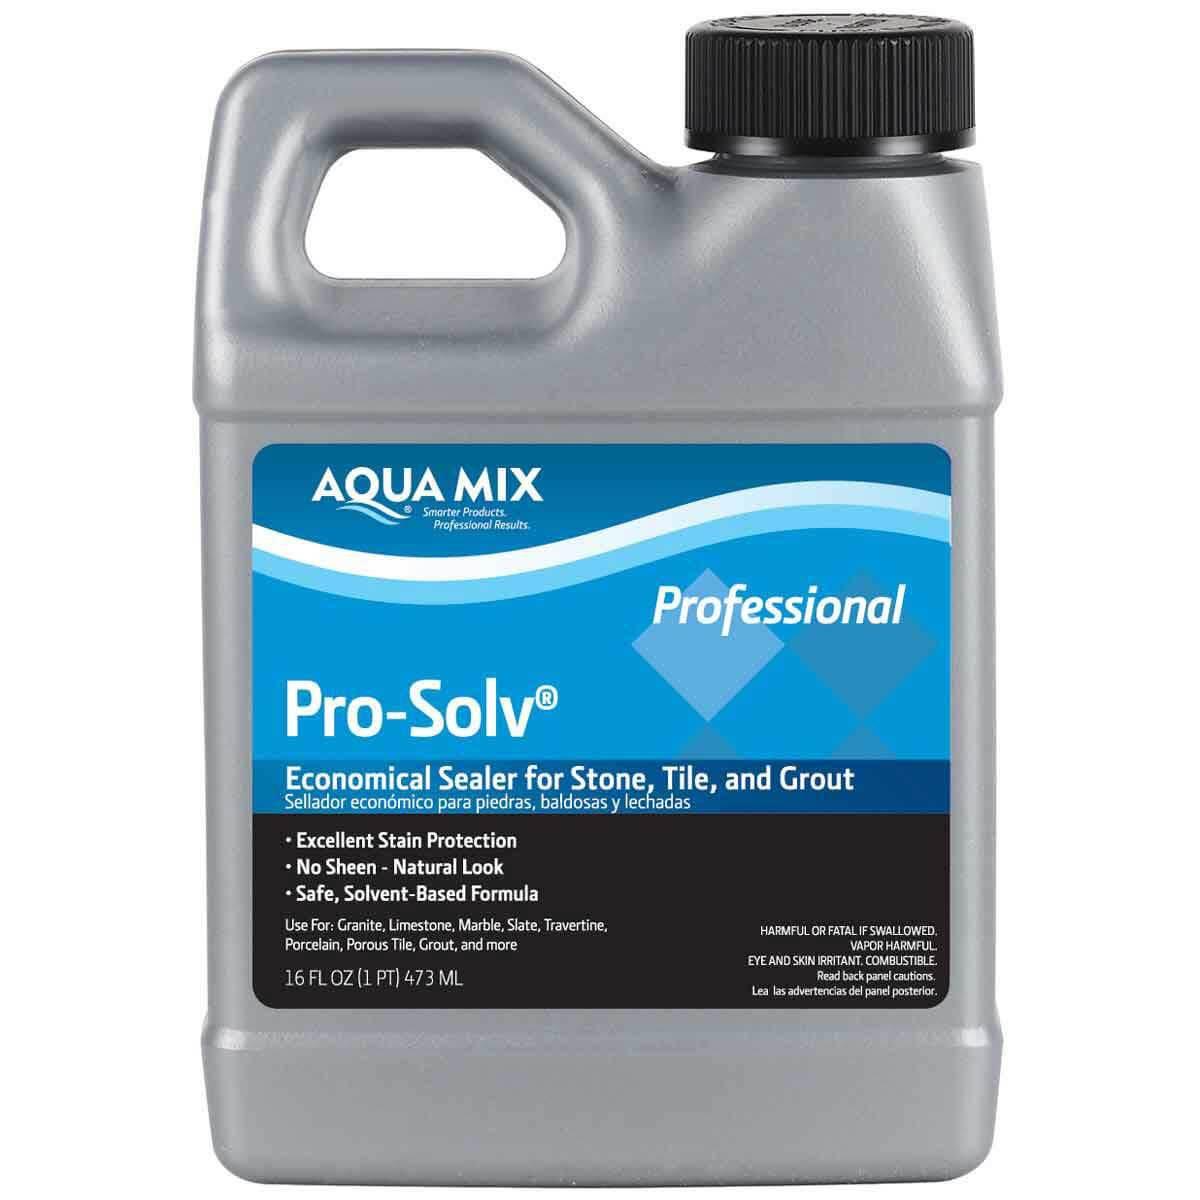 1 Pint Aqua Mix Pro-Solv Sealer 100057